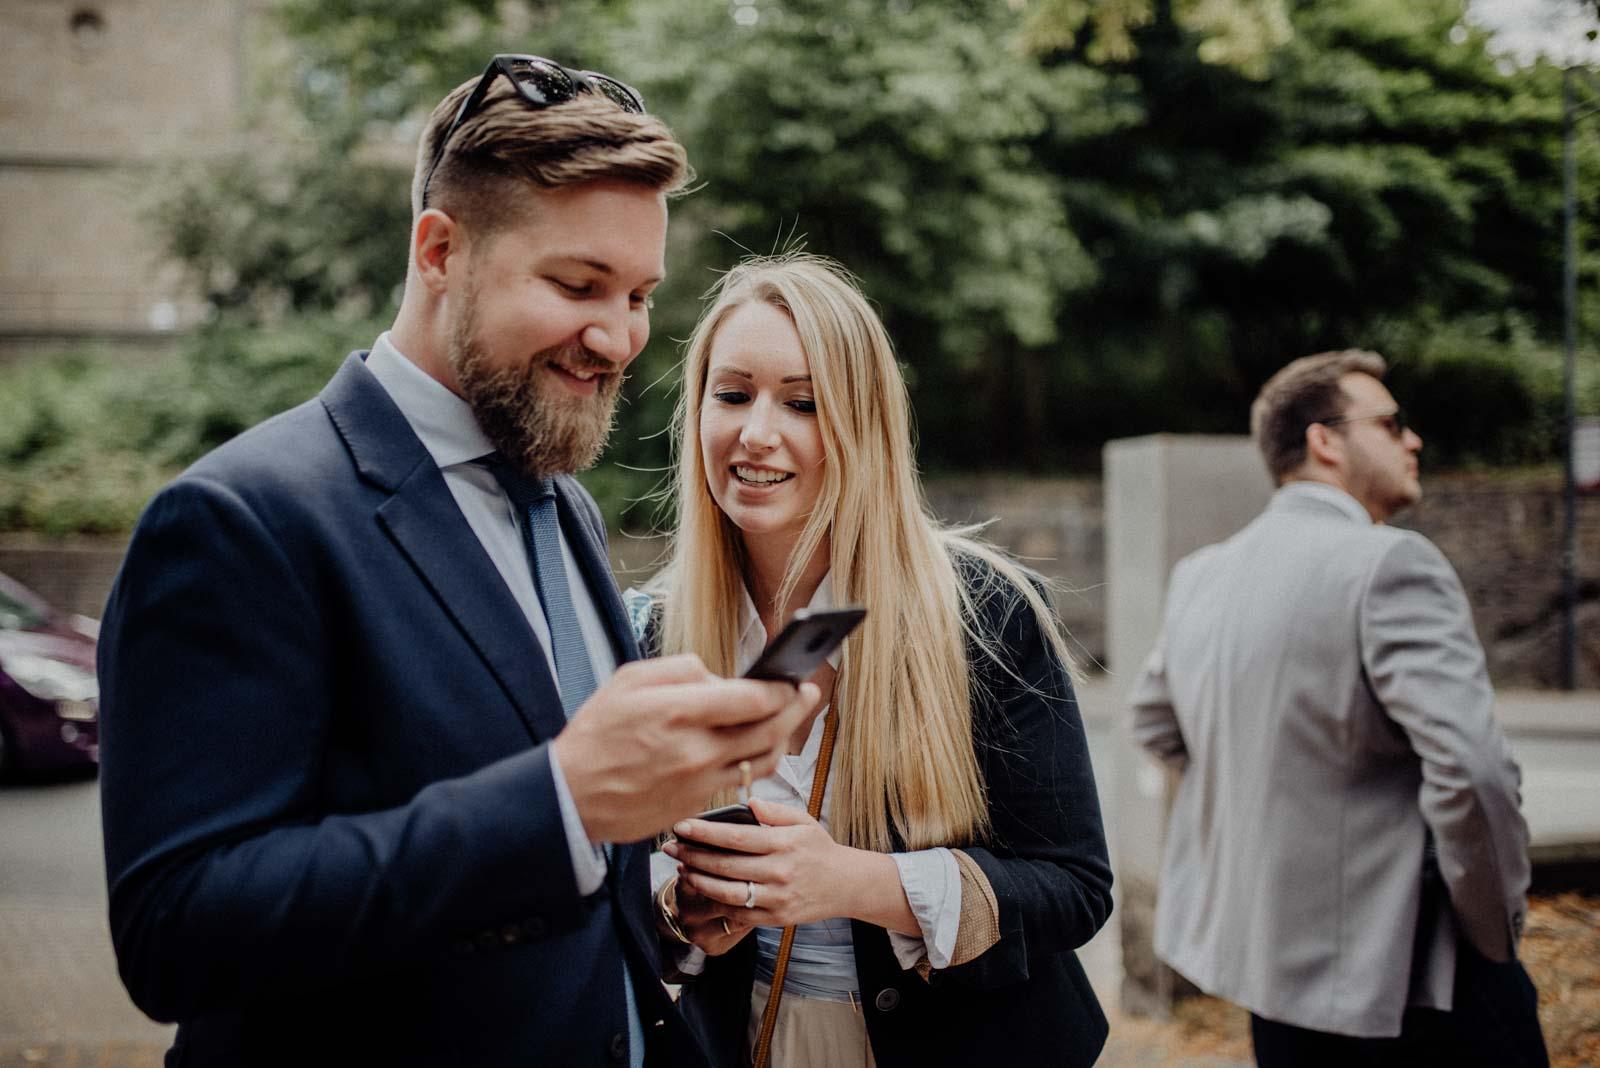 Hochzeitsgaeste checken ihr Handy